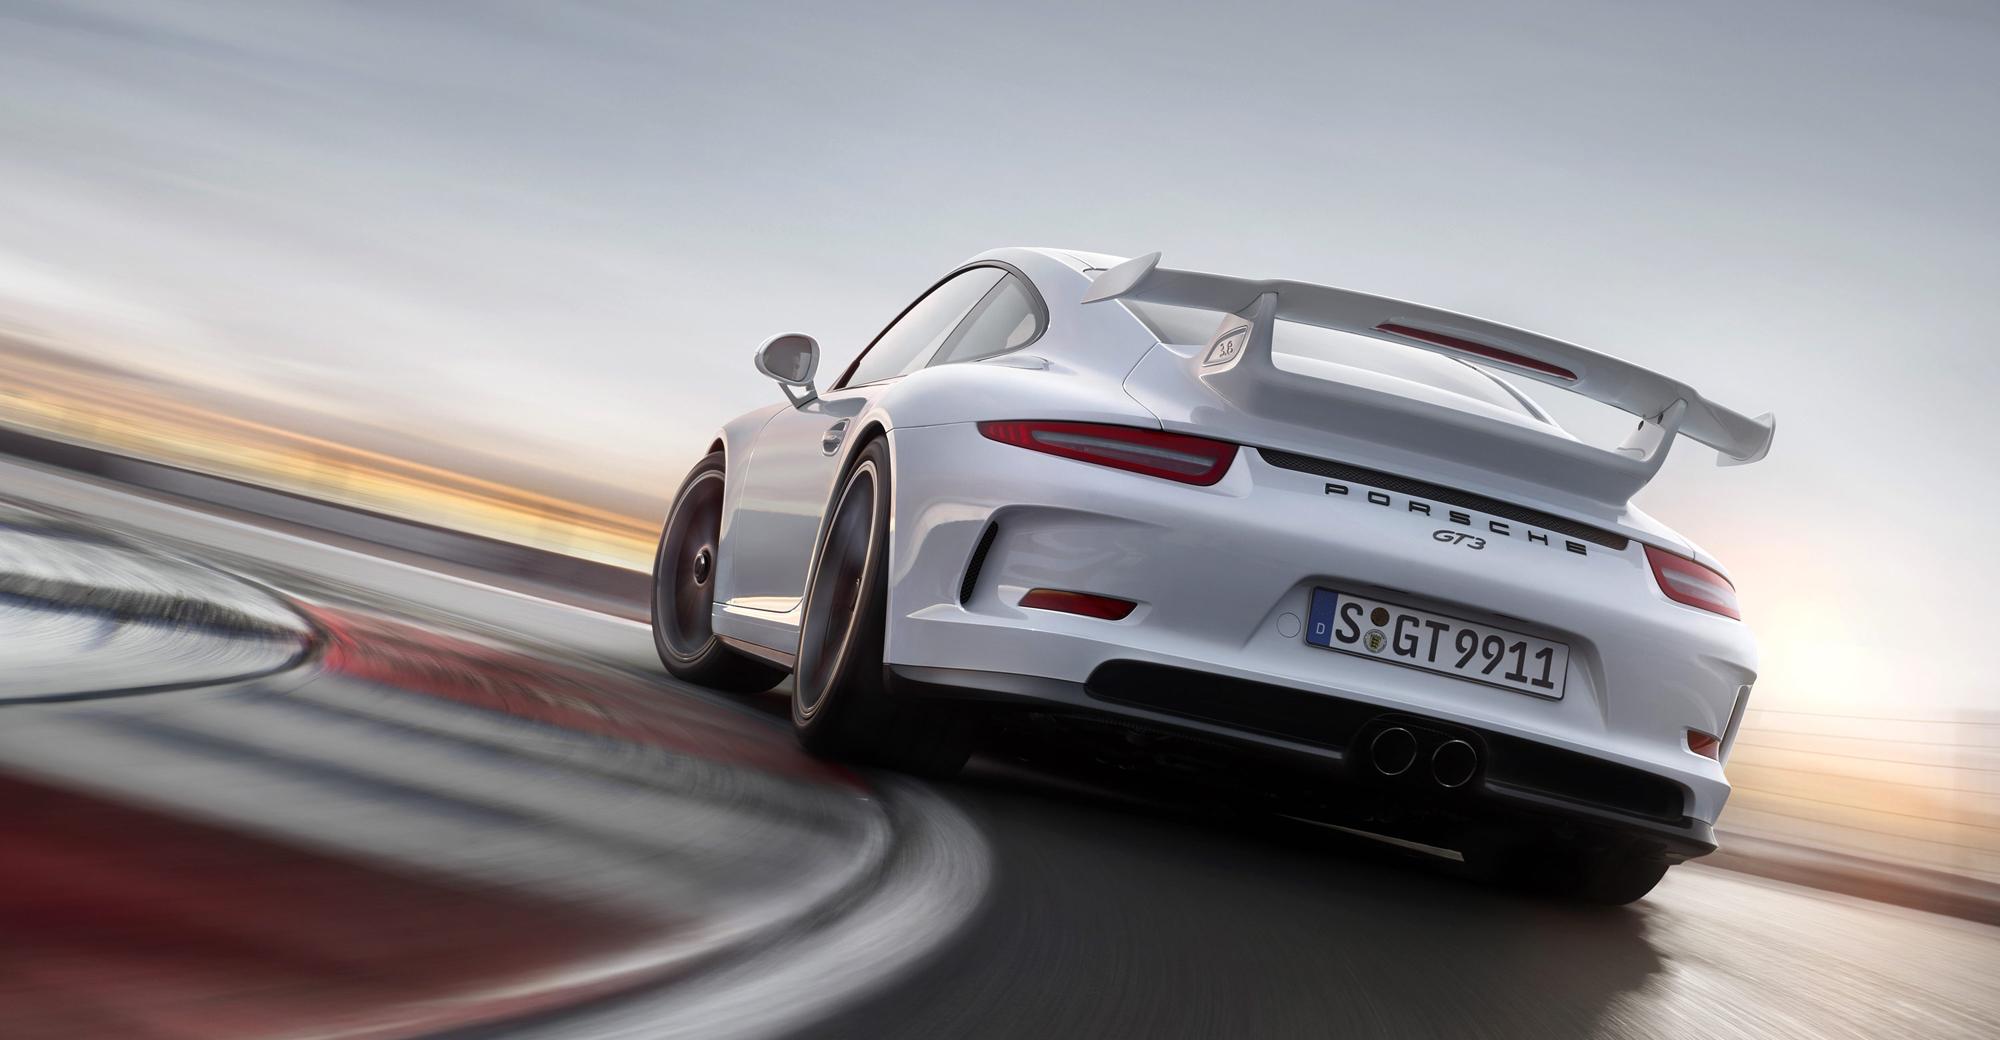 68 Porsche Gt3 Wallpaper On Wallpapersafari